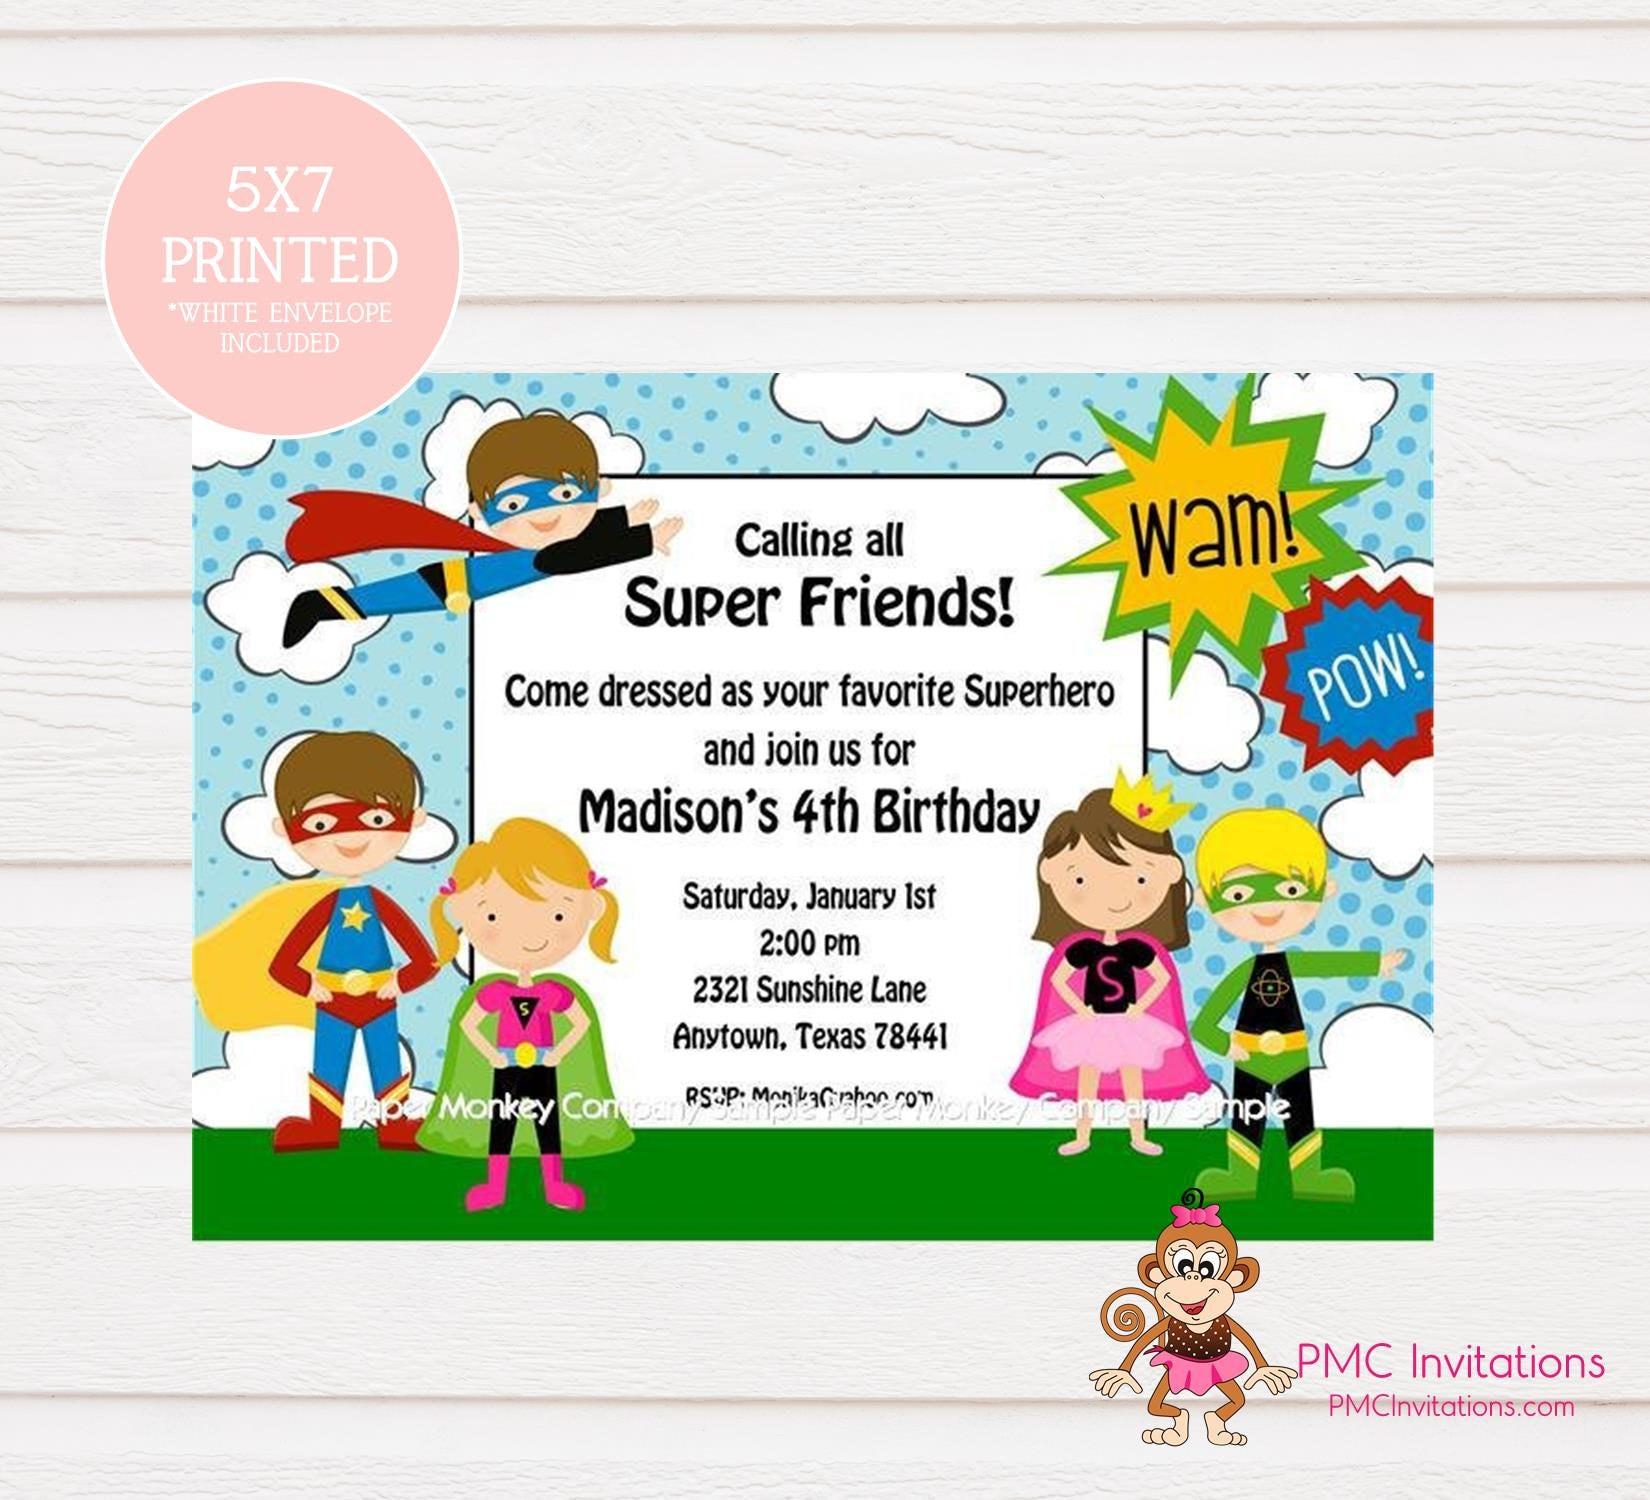 Custom Printed Boy Girl Superhero Birthday Invitations 1.00 | Etsy